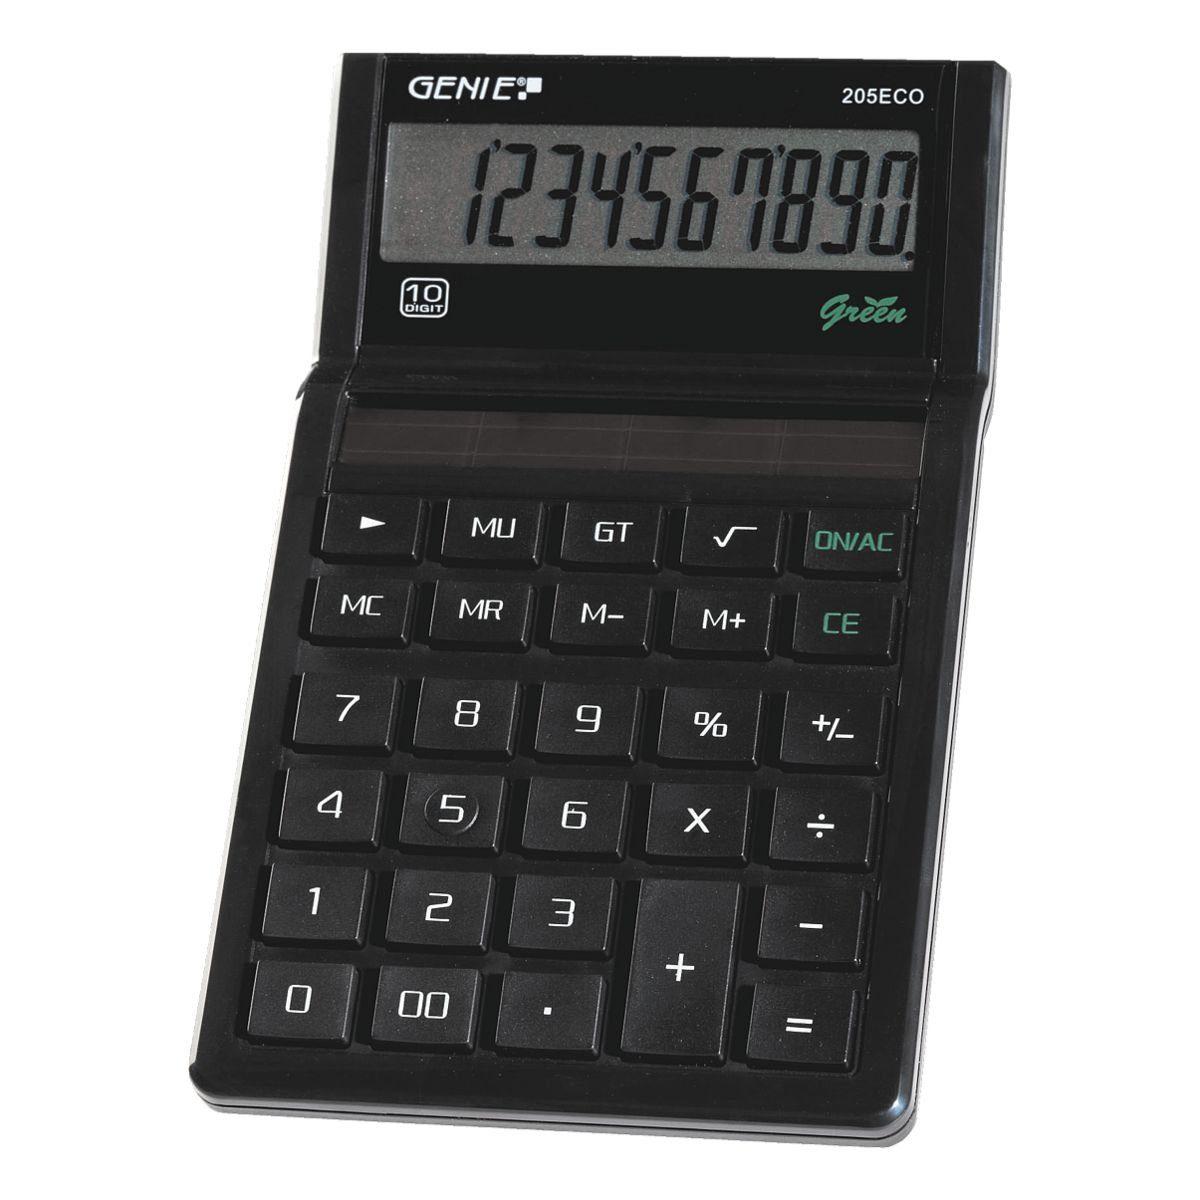 GENIE Tischrechner »205ECO«